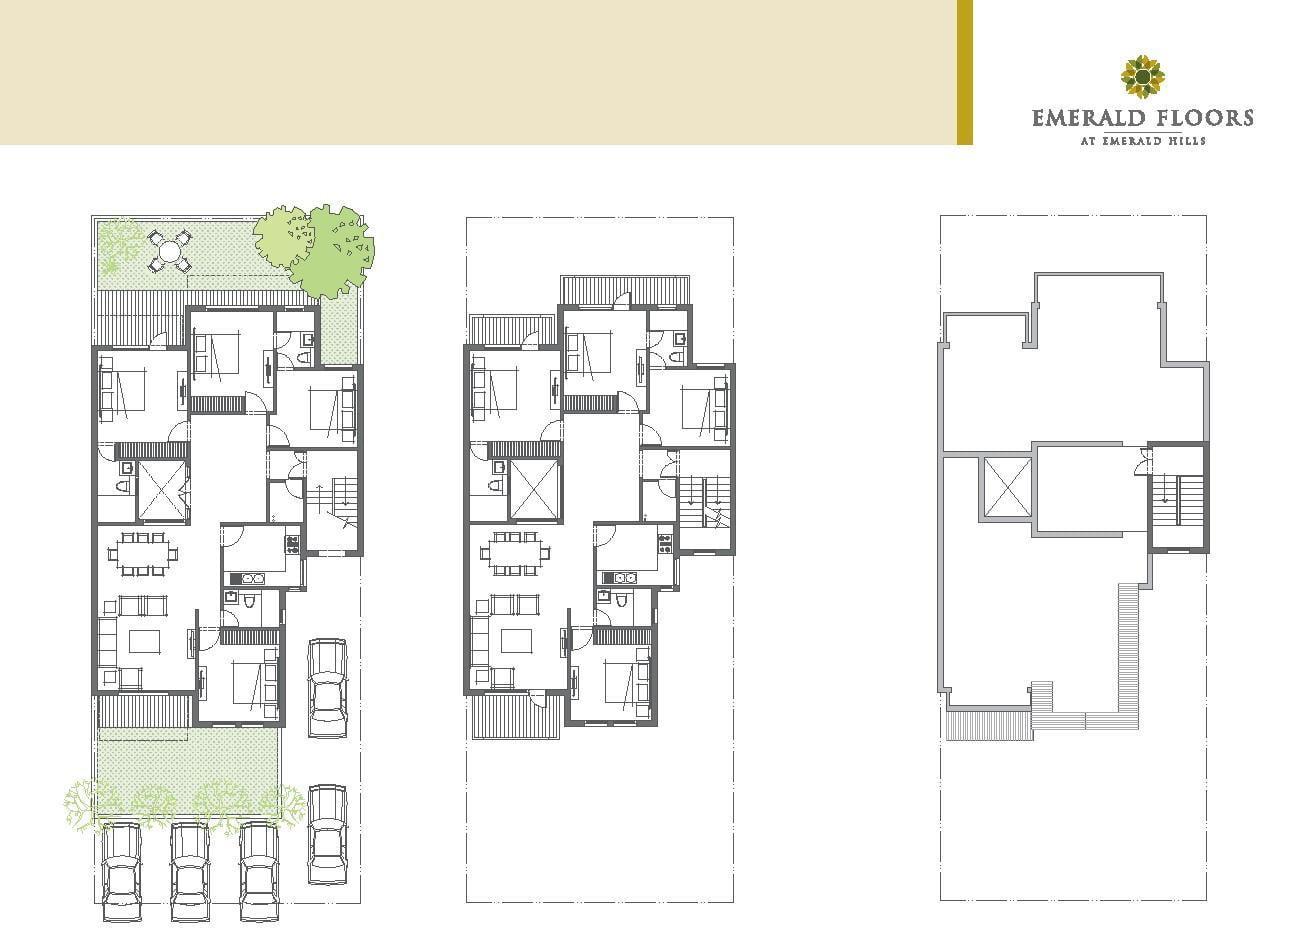 floor plan 350 yards emerald hills